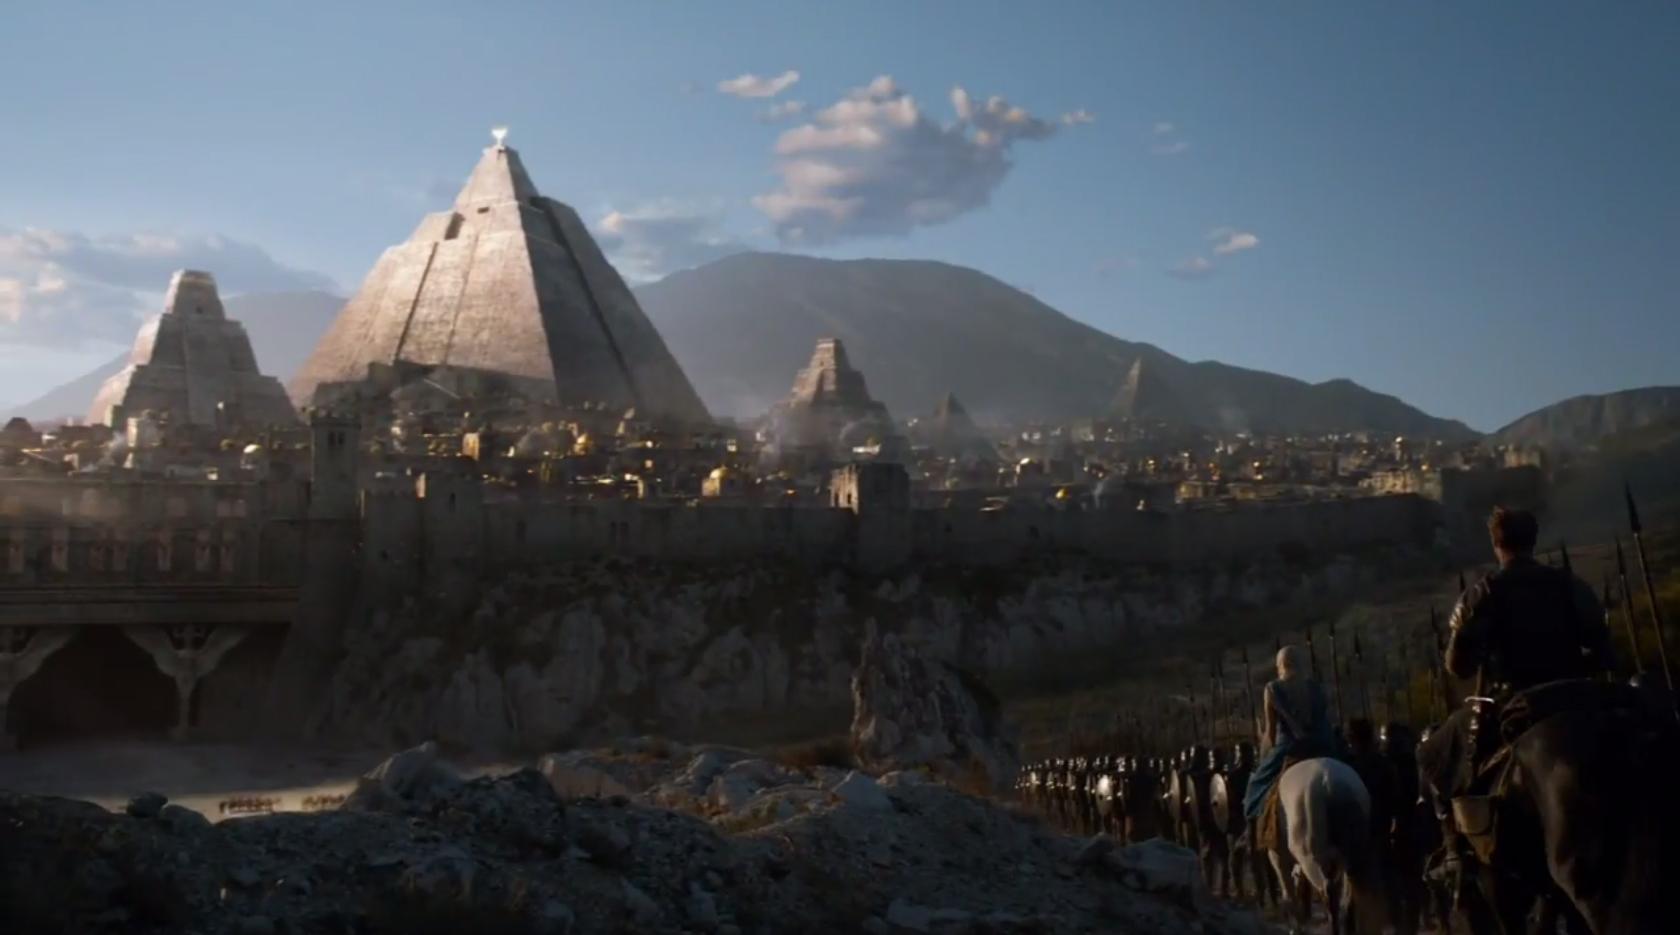 Game-of-thrones-season-4-city-of-meereen.jpg